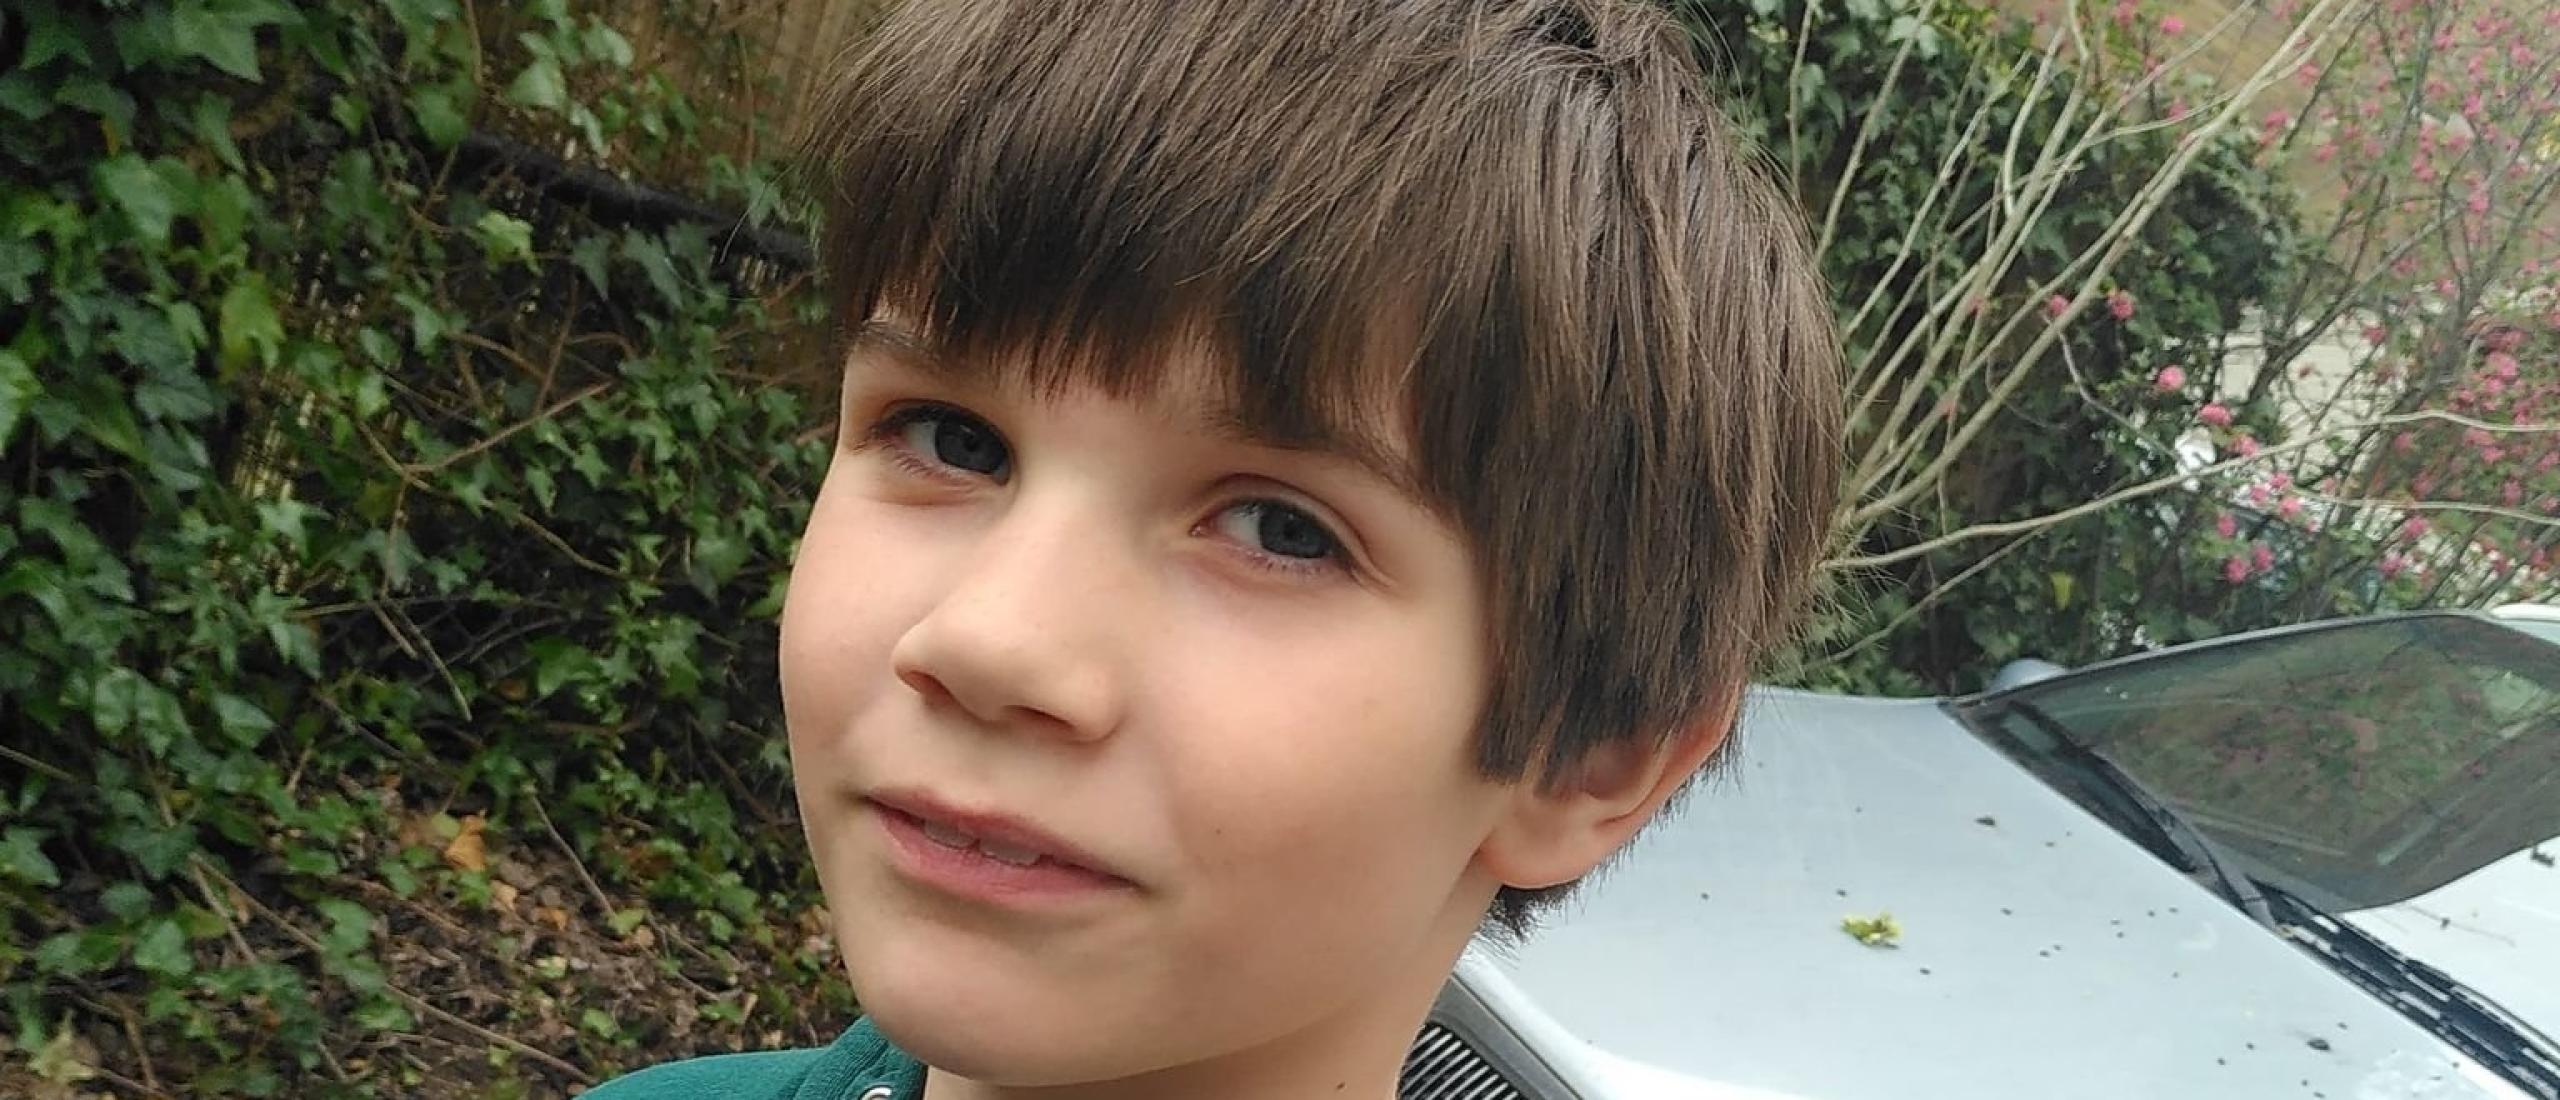 De kindertijd van Lucas - 7 jaar